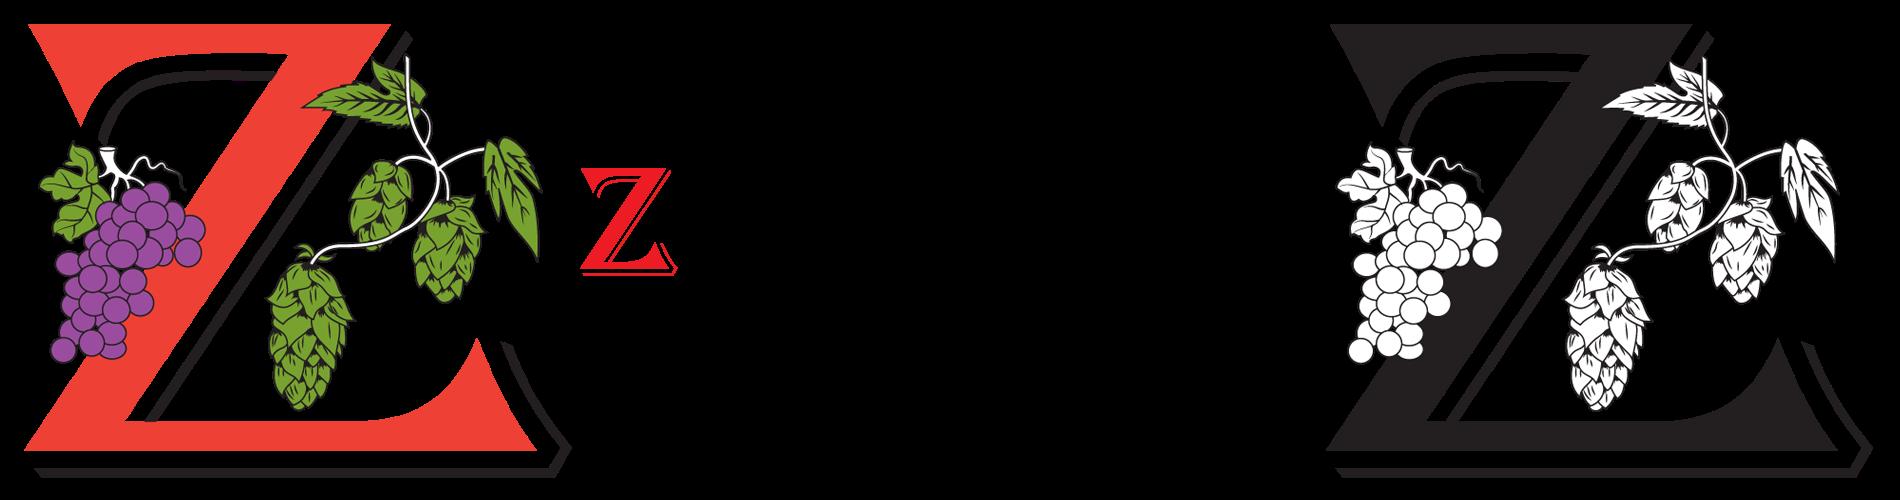 SCW Zymurgy Club logo